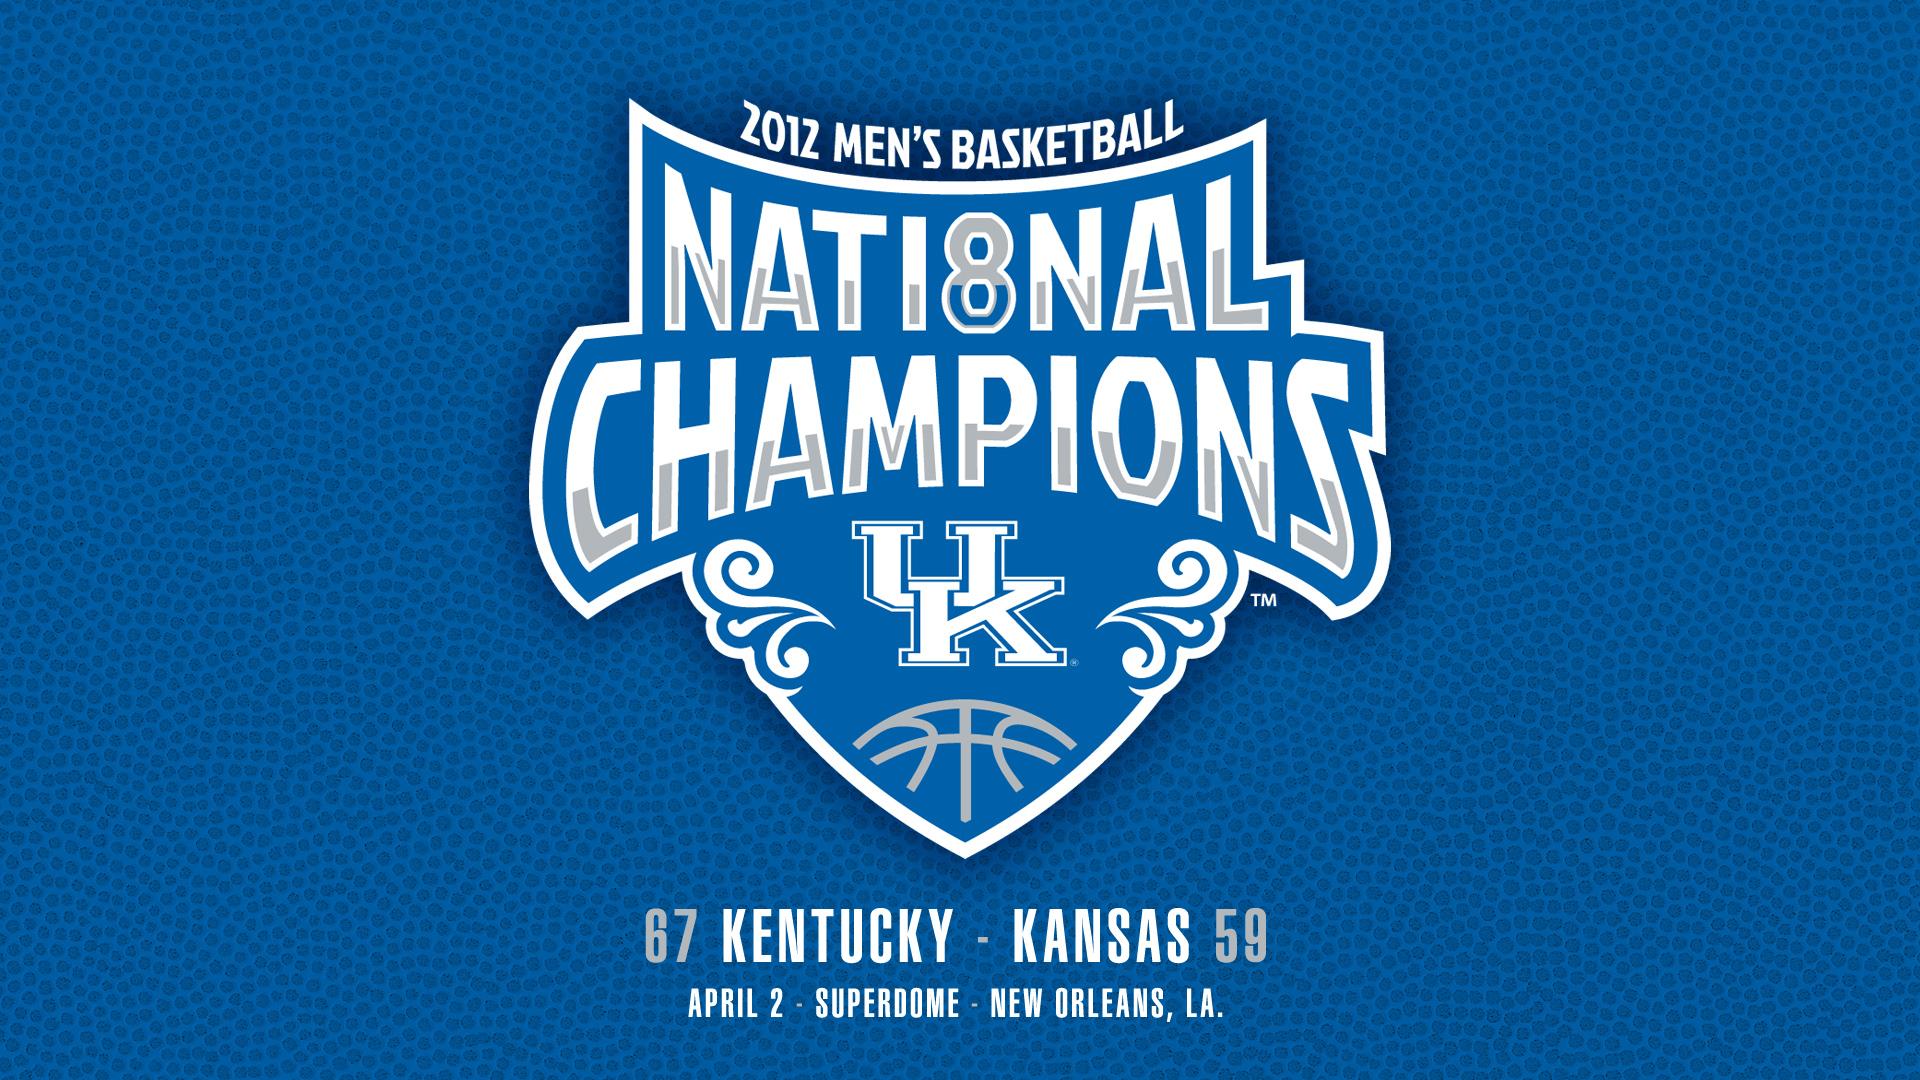 Wildcatrob S Kentucky Wallpaper Blog: UK Basketball Phone Wallpaper